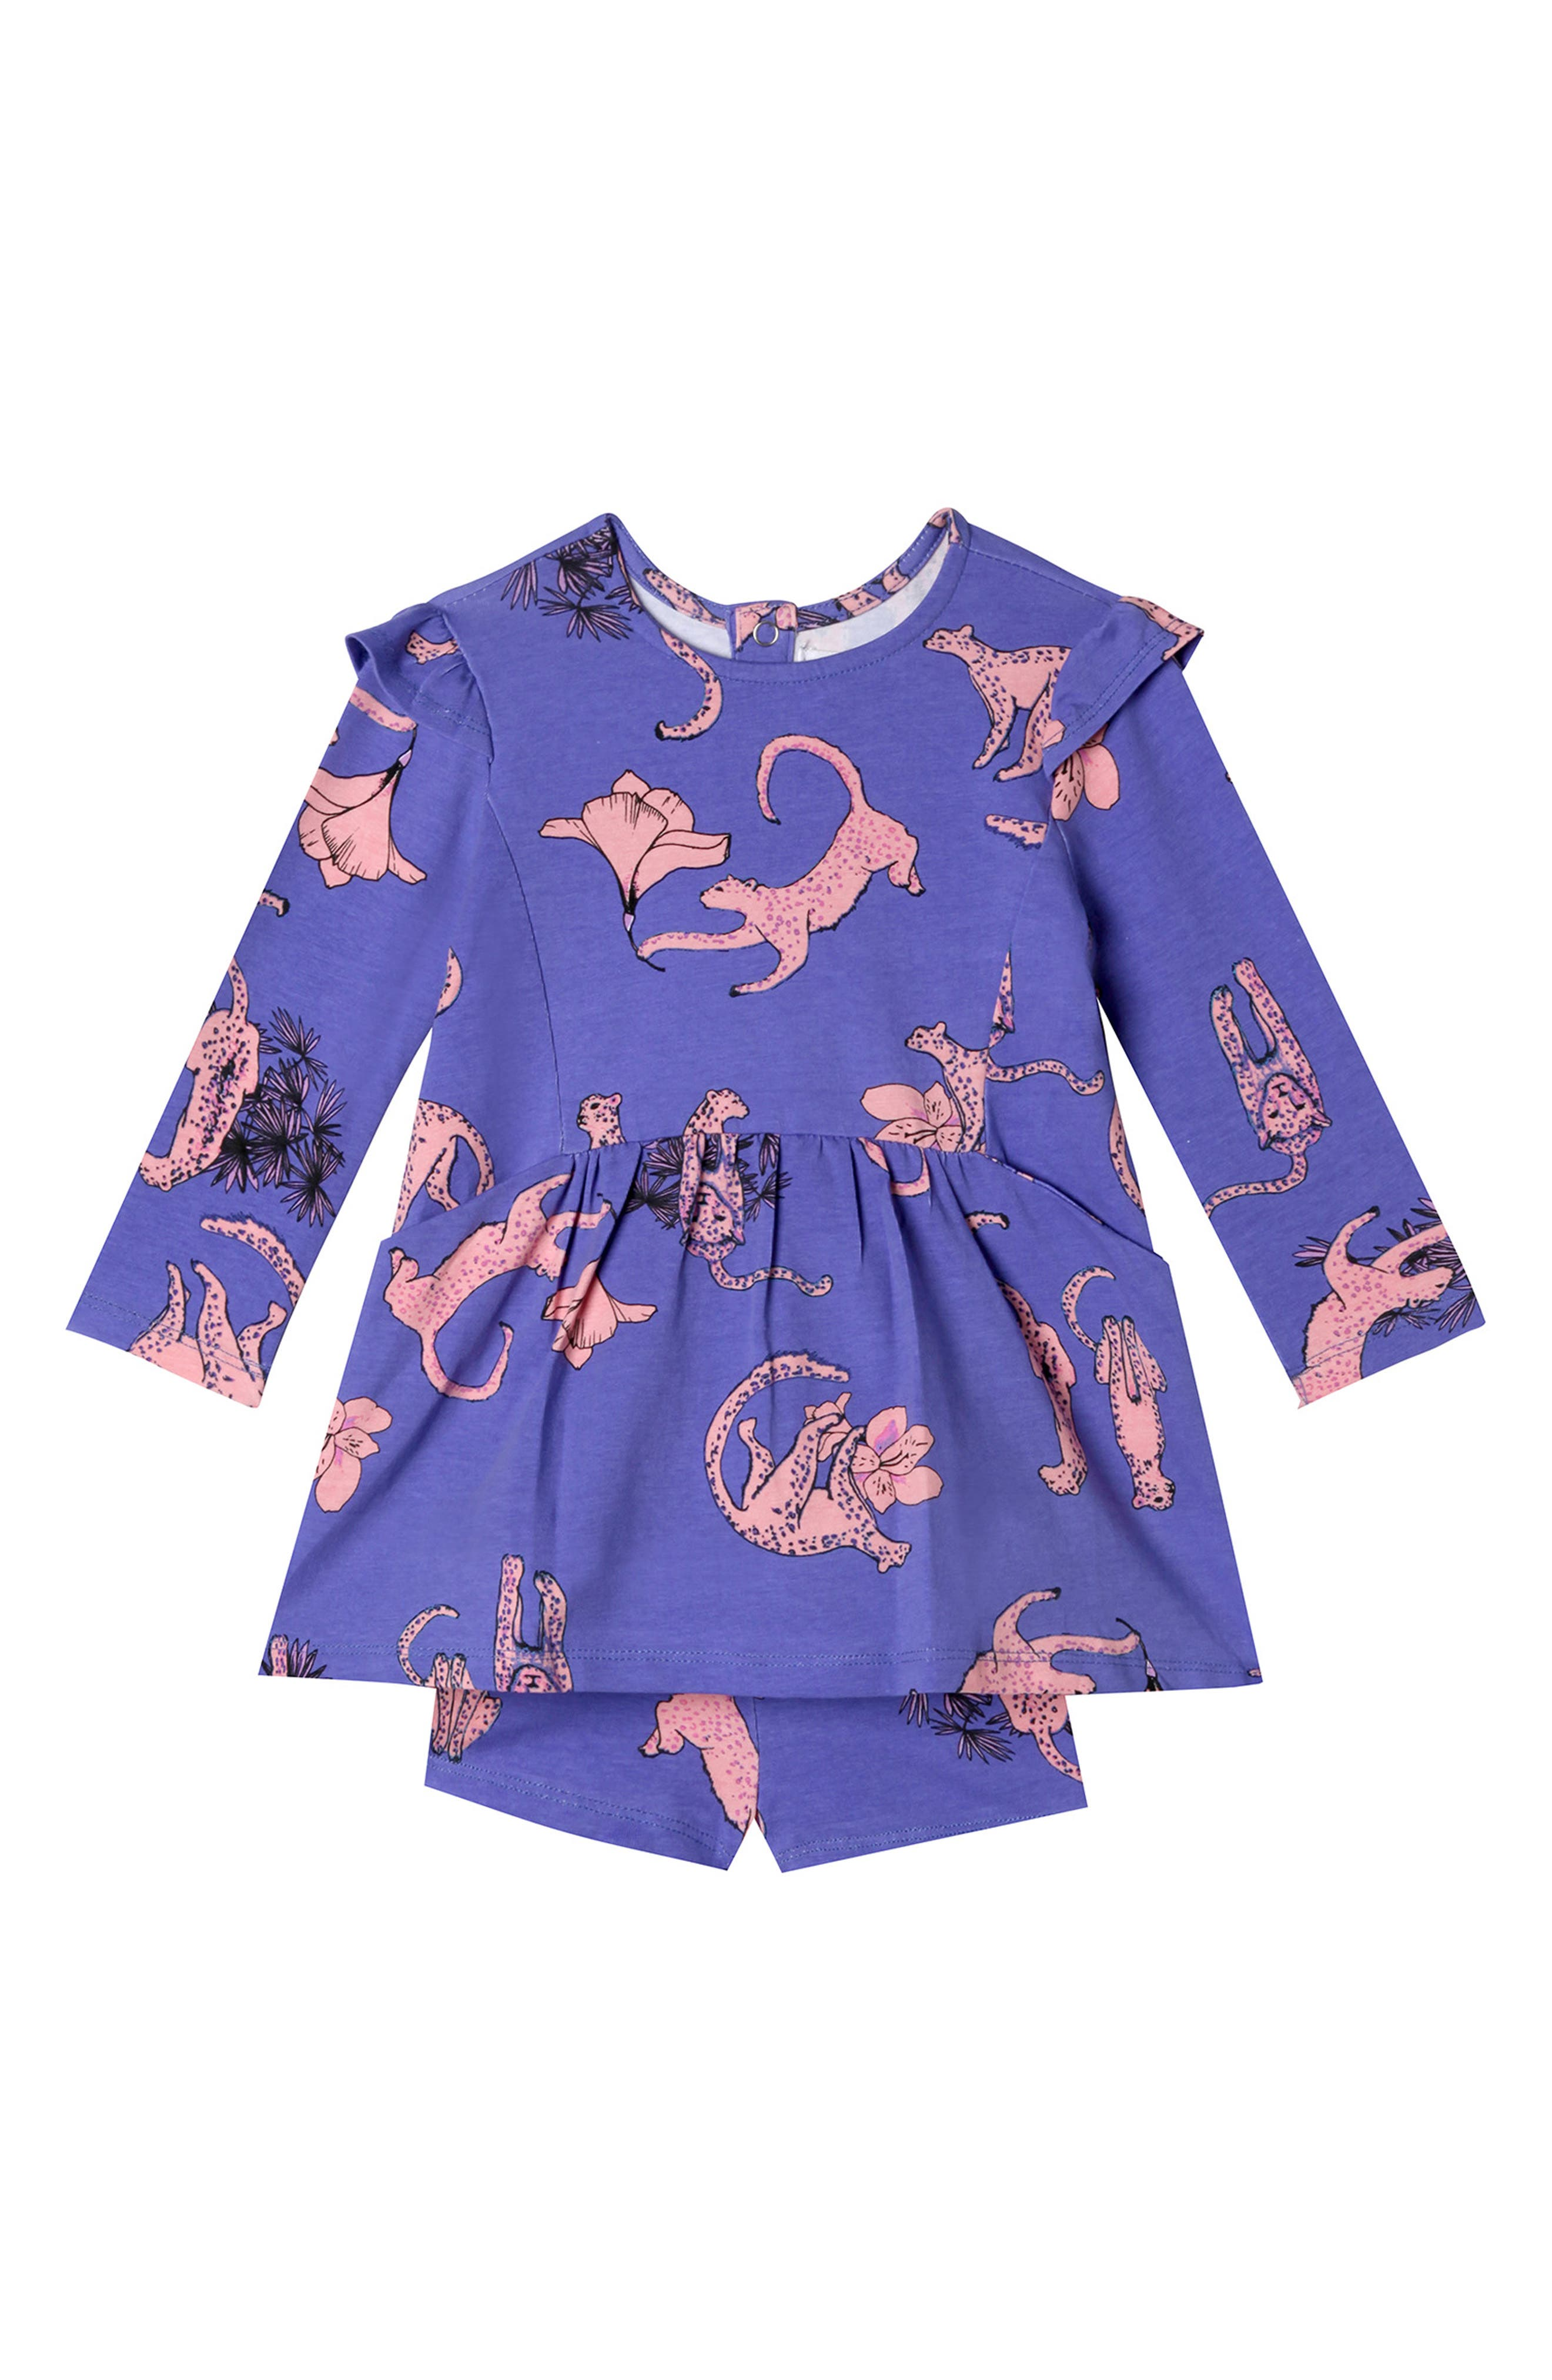 Leah Leopard Dress & Shorts Set,                             Main thumbnail 1, color,                             SNOW LEOPARD